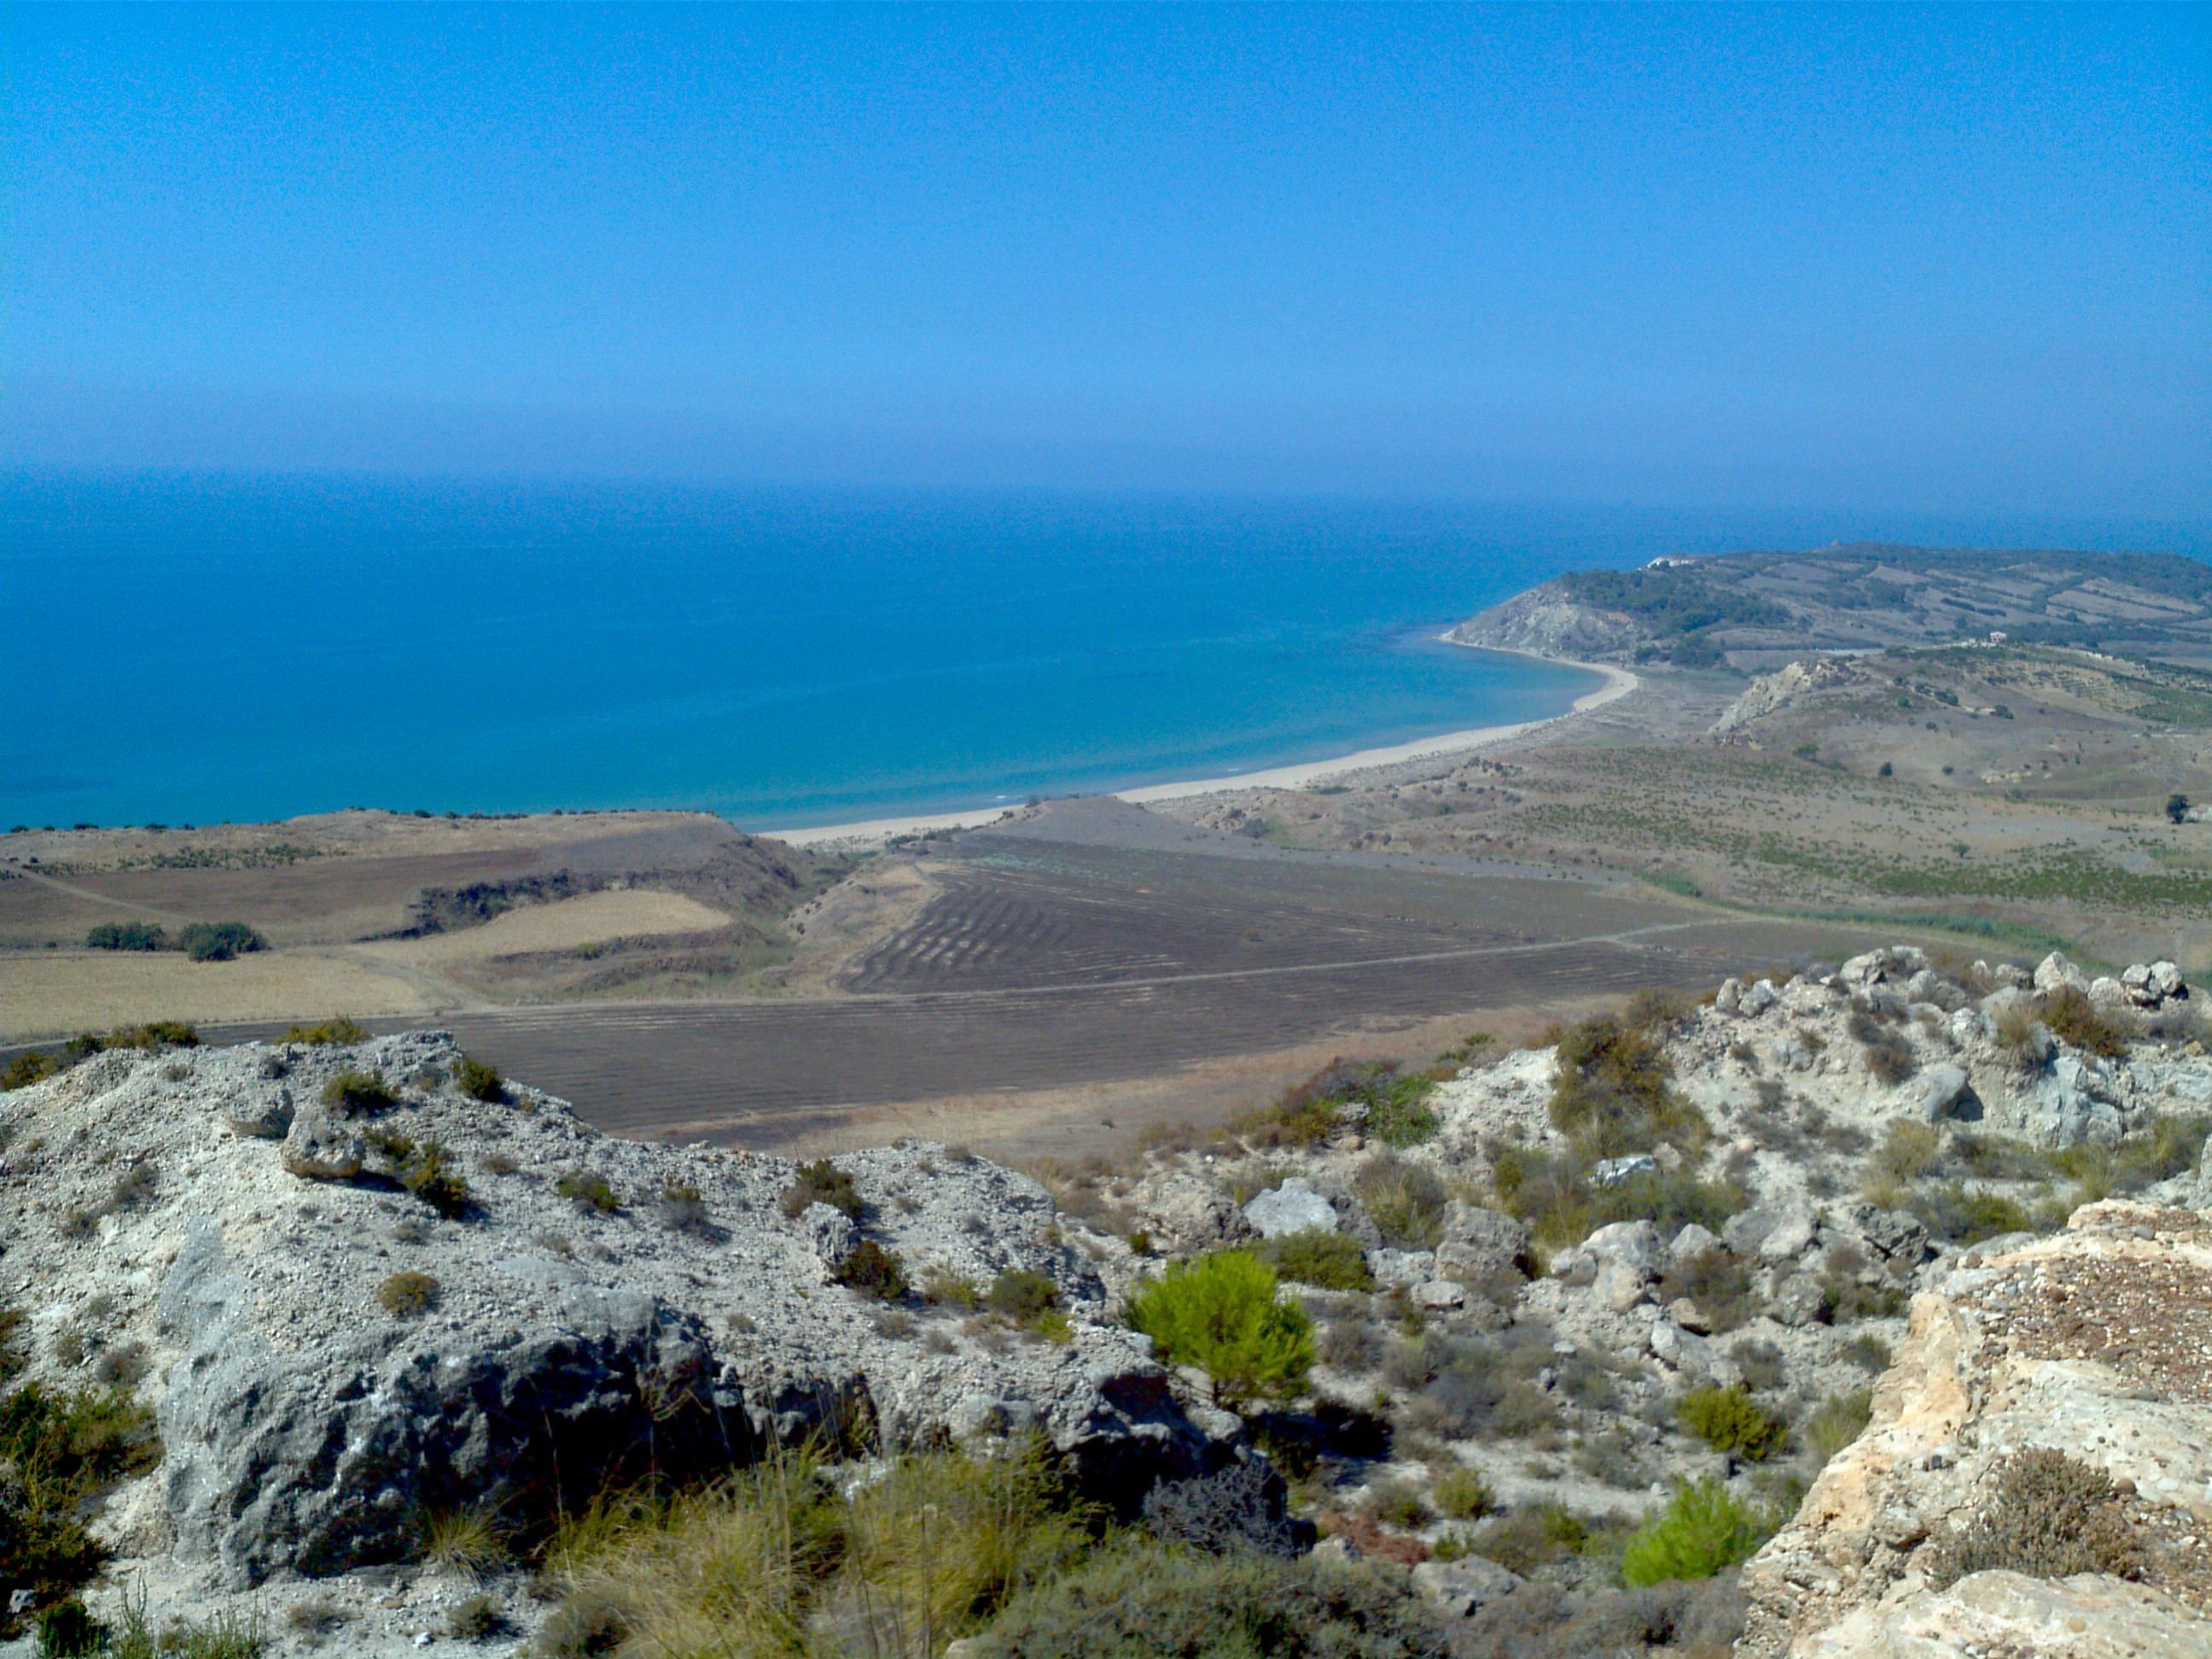 Visite gratuite nelle Oasi e Riserve siciliane del WWF